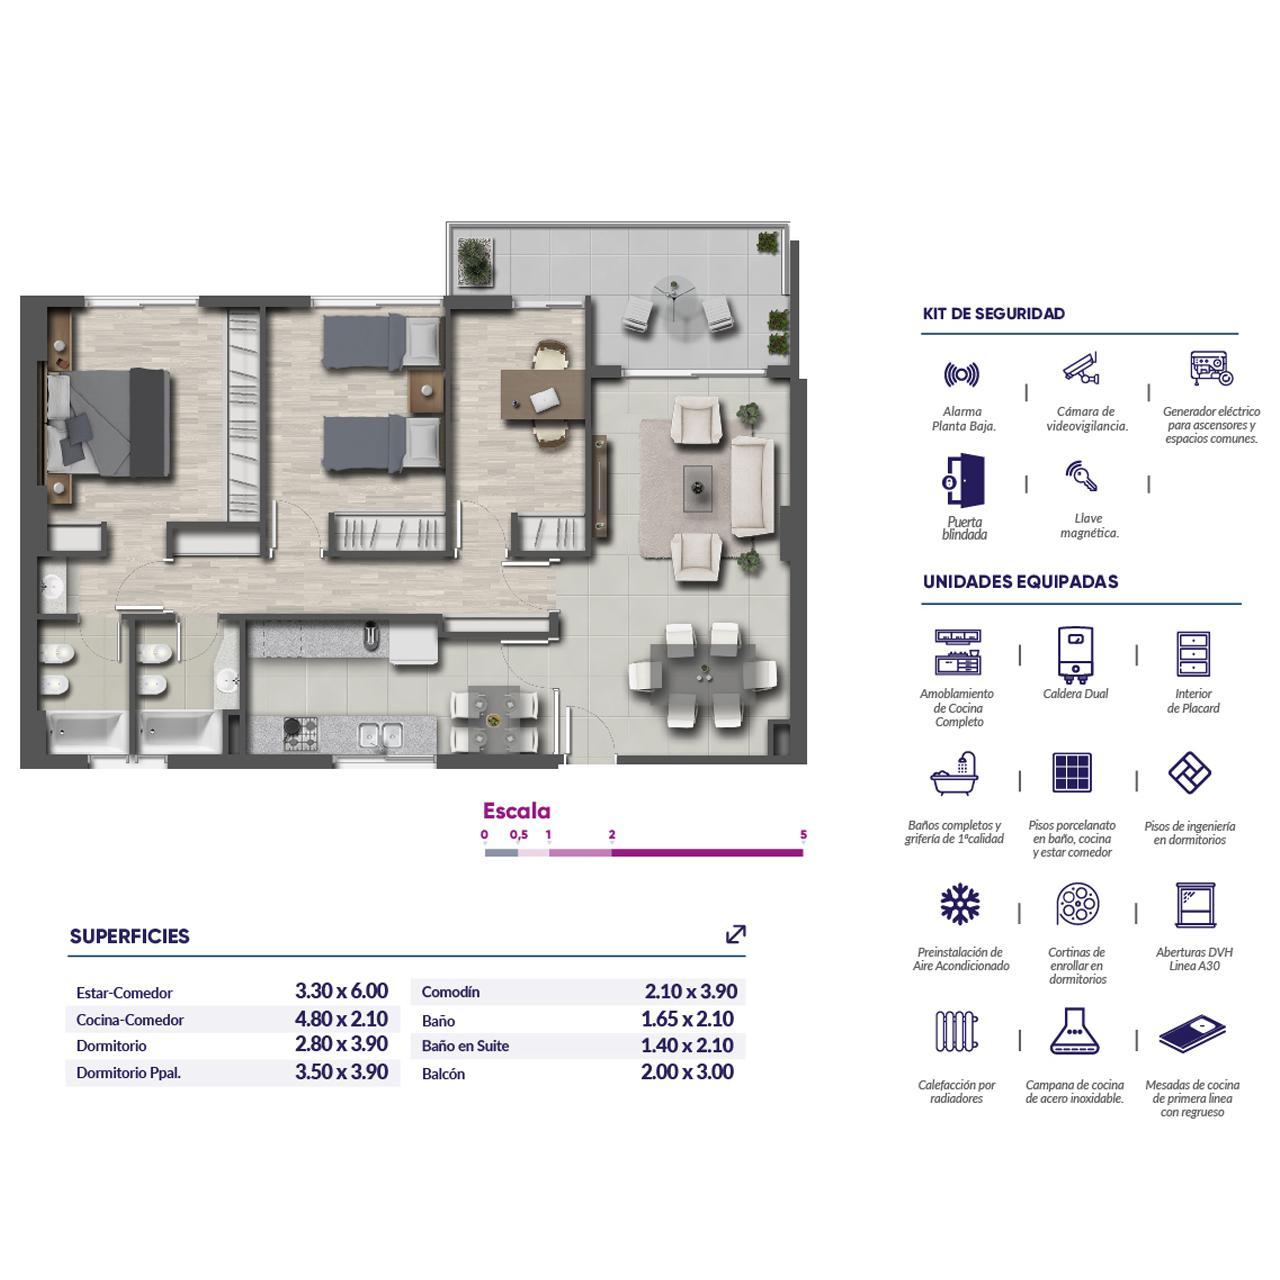 Venta departamento 3 dormitorios Rosario, Centro. Cod CBU11803 AP1132261. Crestale Propiedades